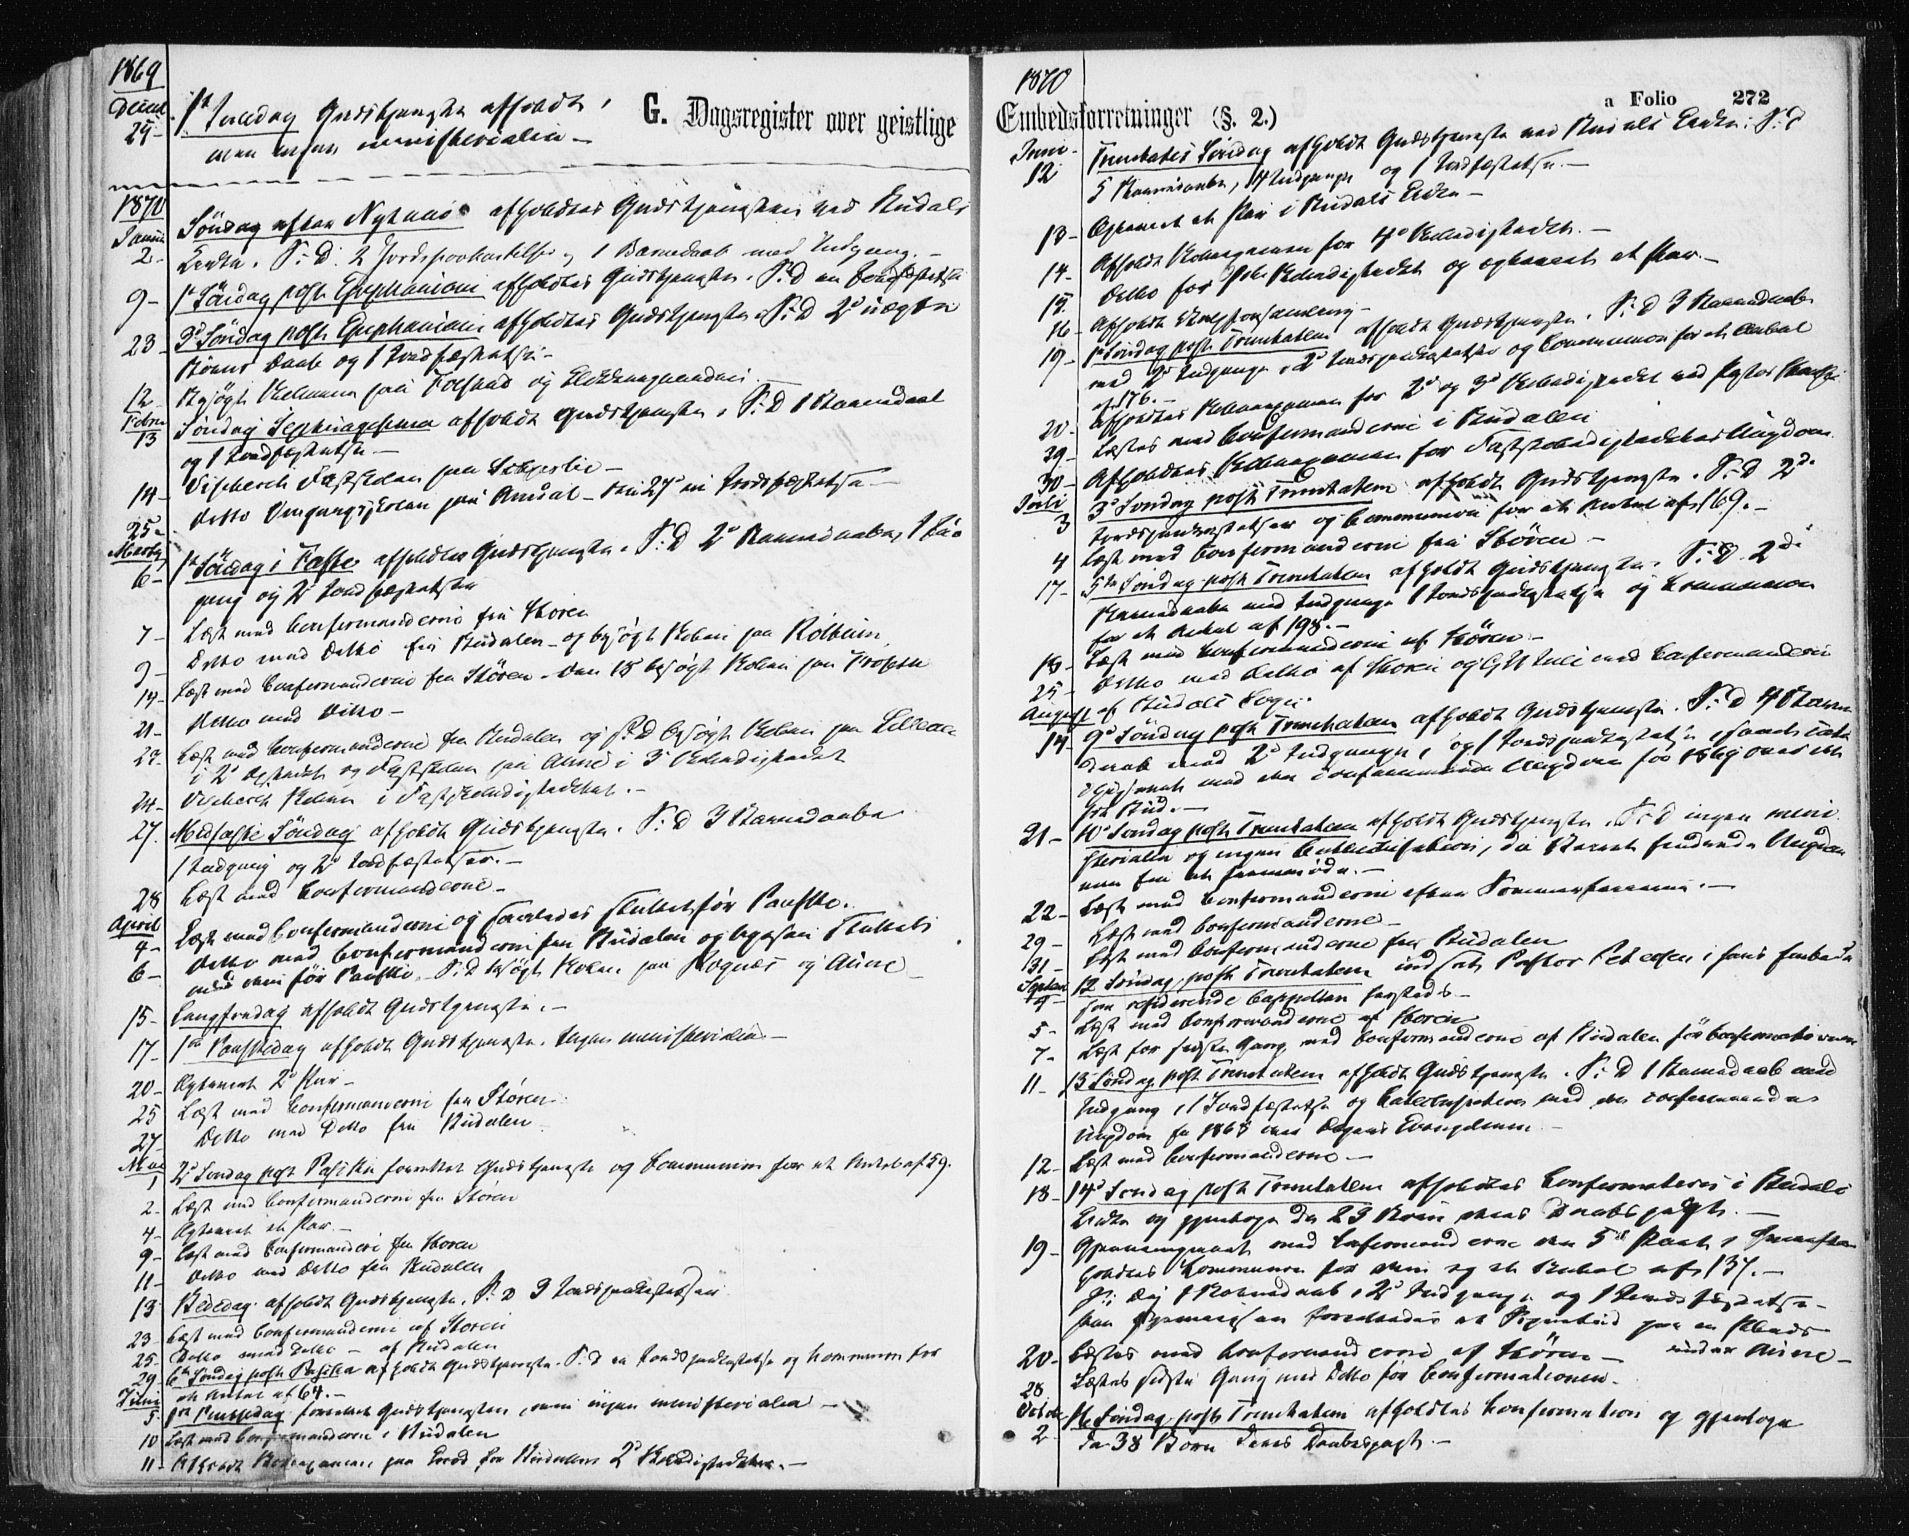 SAT, Ministerialprotokoller, klokkerbøker og fødselsregistre - Sør-Trøndelag, 687/L1001: Ministerialbok nr. 687A07, 1863-1878, s. 272